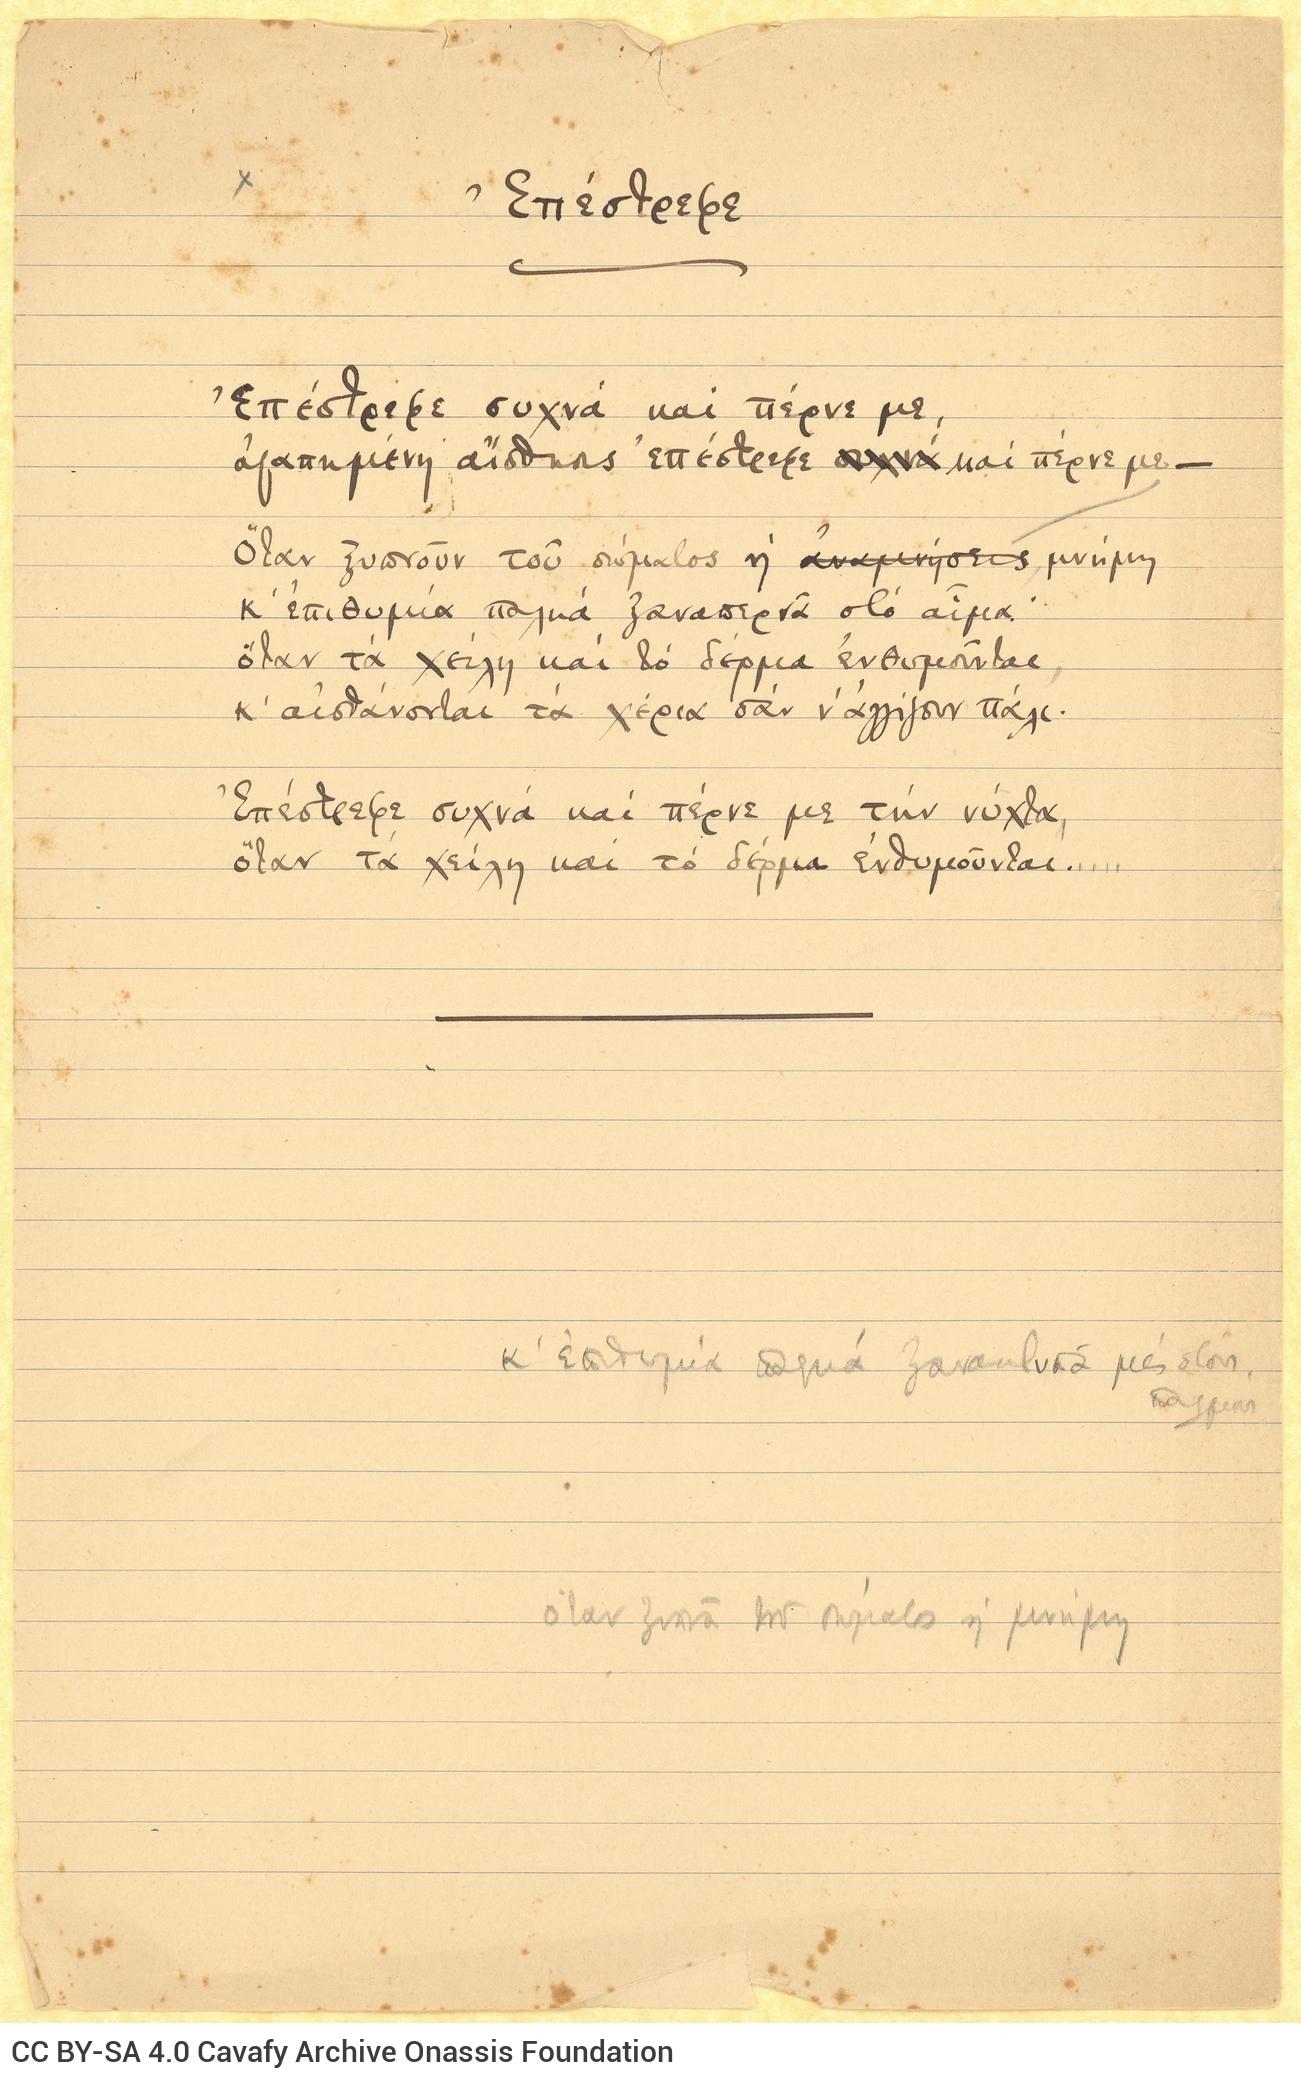 Χειρόγραφο ποίημα «Επέστρεφε» στο recto διαγραμμισμένου φύλλου. Έχει �